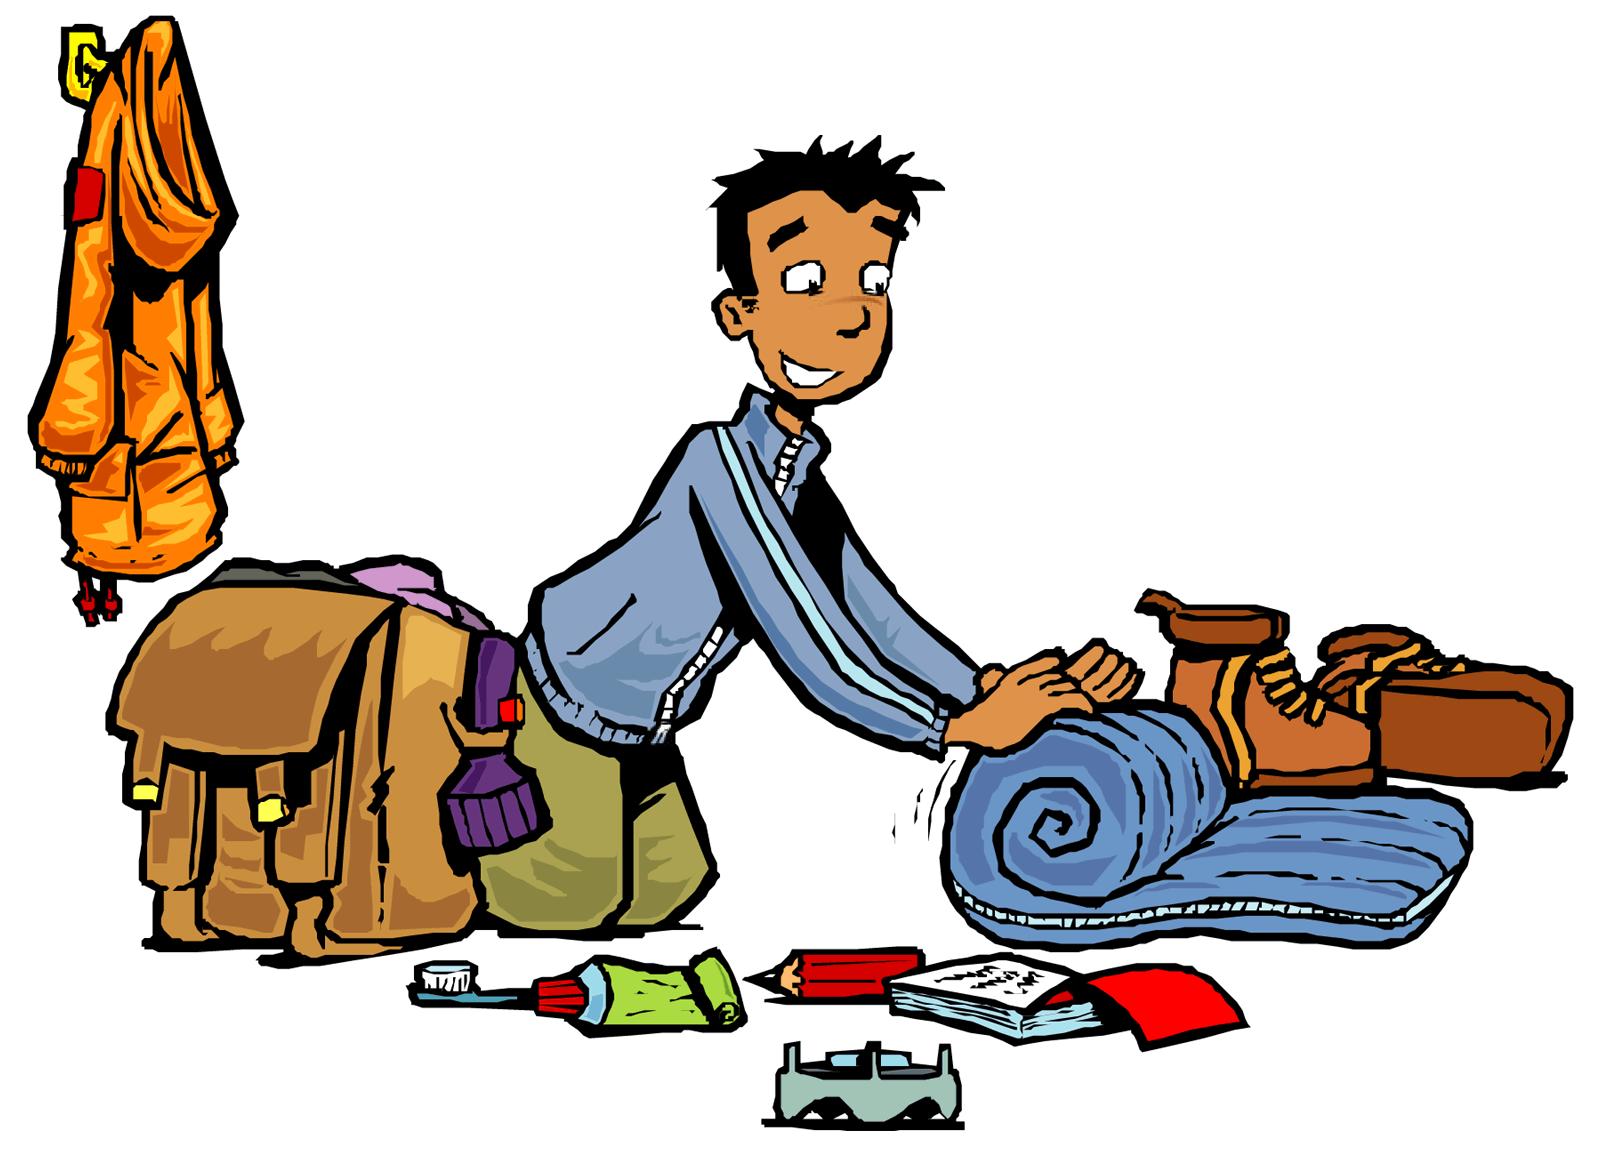 上飞机行李箱重量罚款